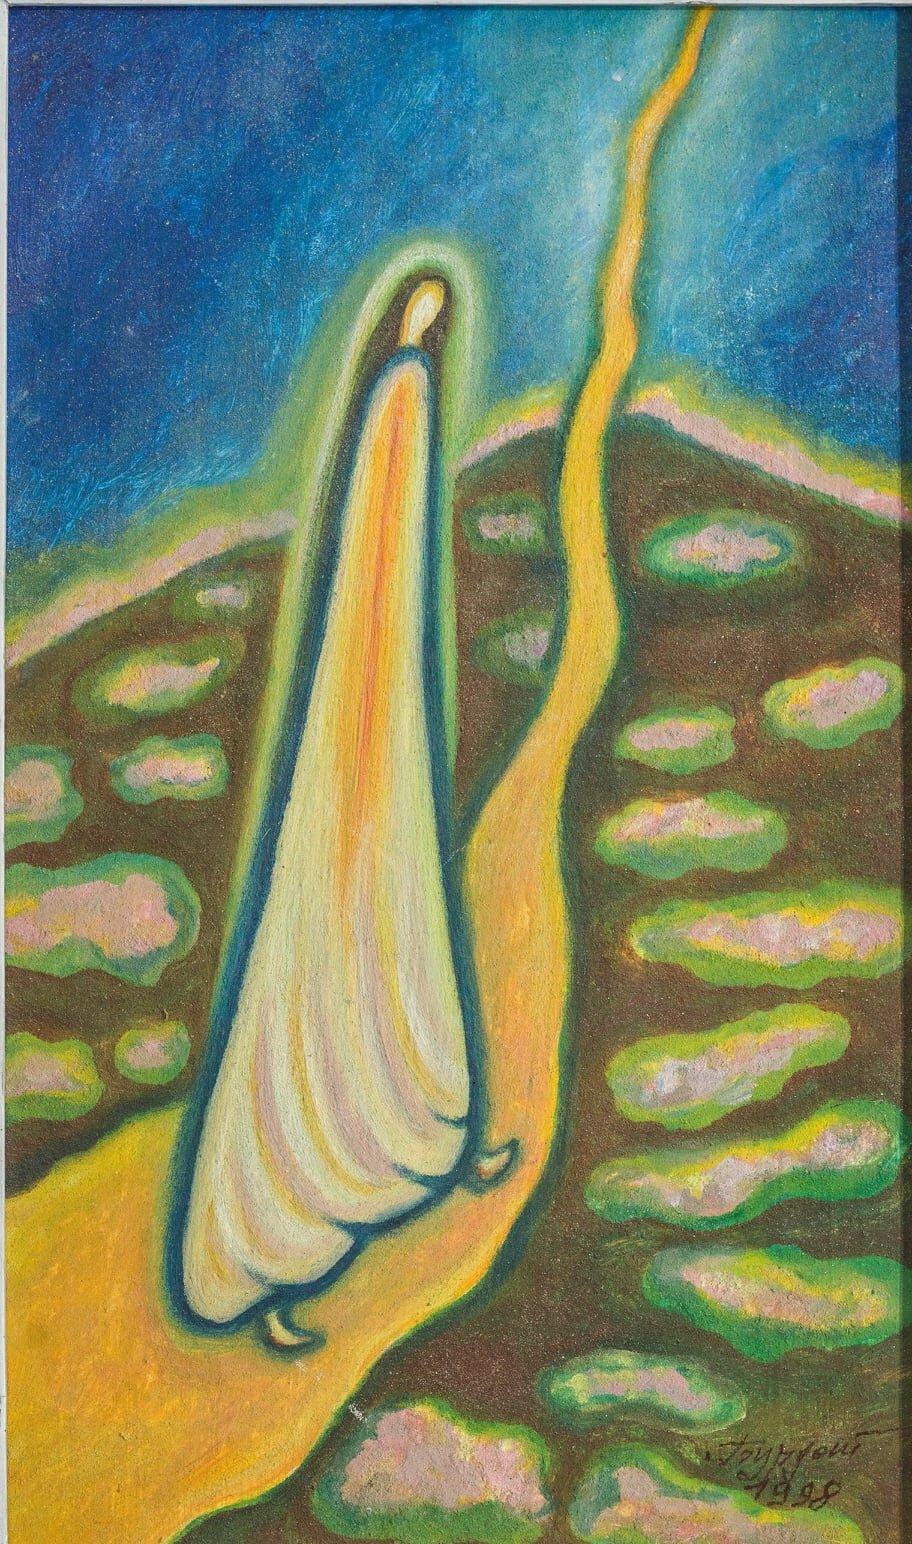 Олена Бурдаш. Дорога в Небо. 1998 р. Збірка Музею сучасного українського мистецтва Корсаків